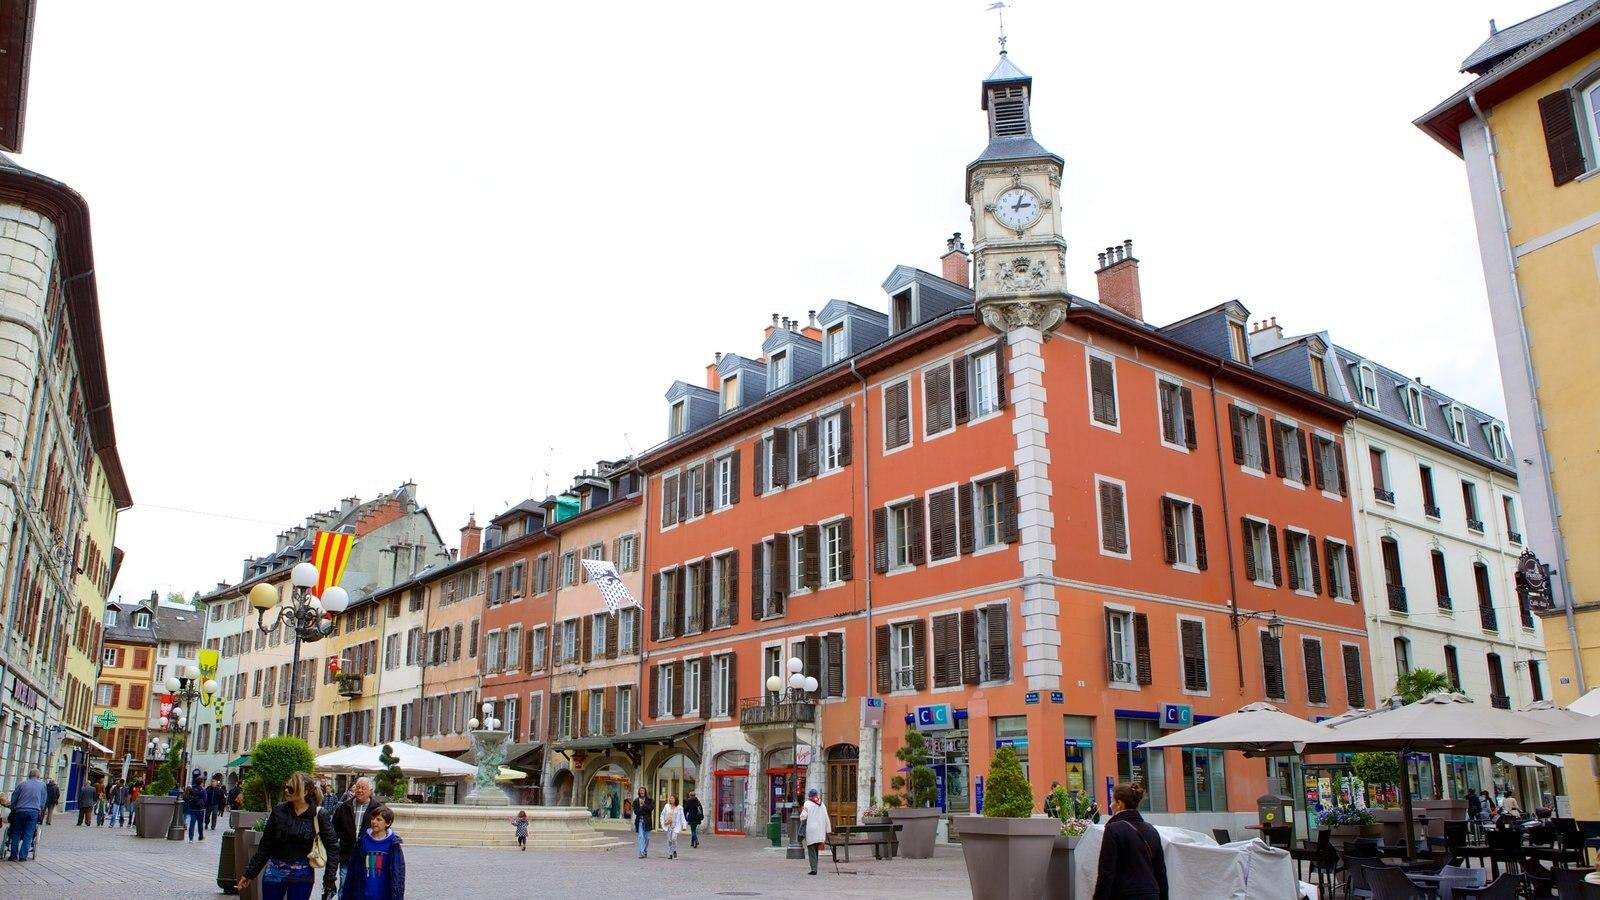 Chambery caracterizando cenas de rua, arquitetura de patrimônio e uma praça ou plaza